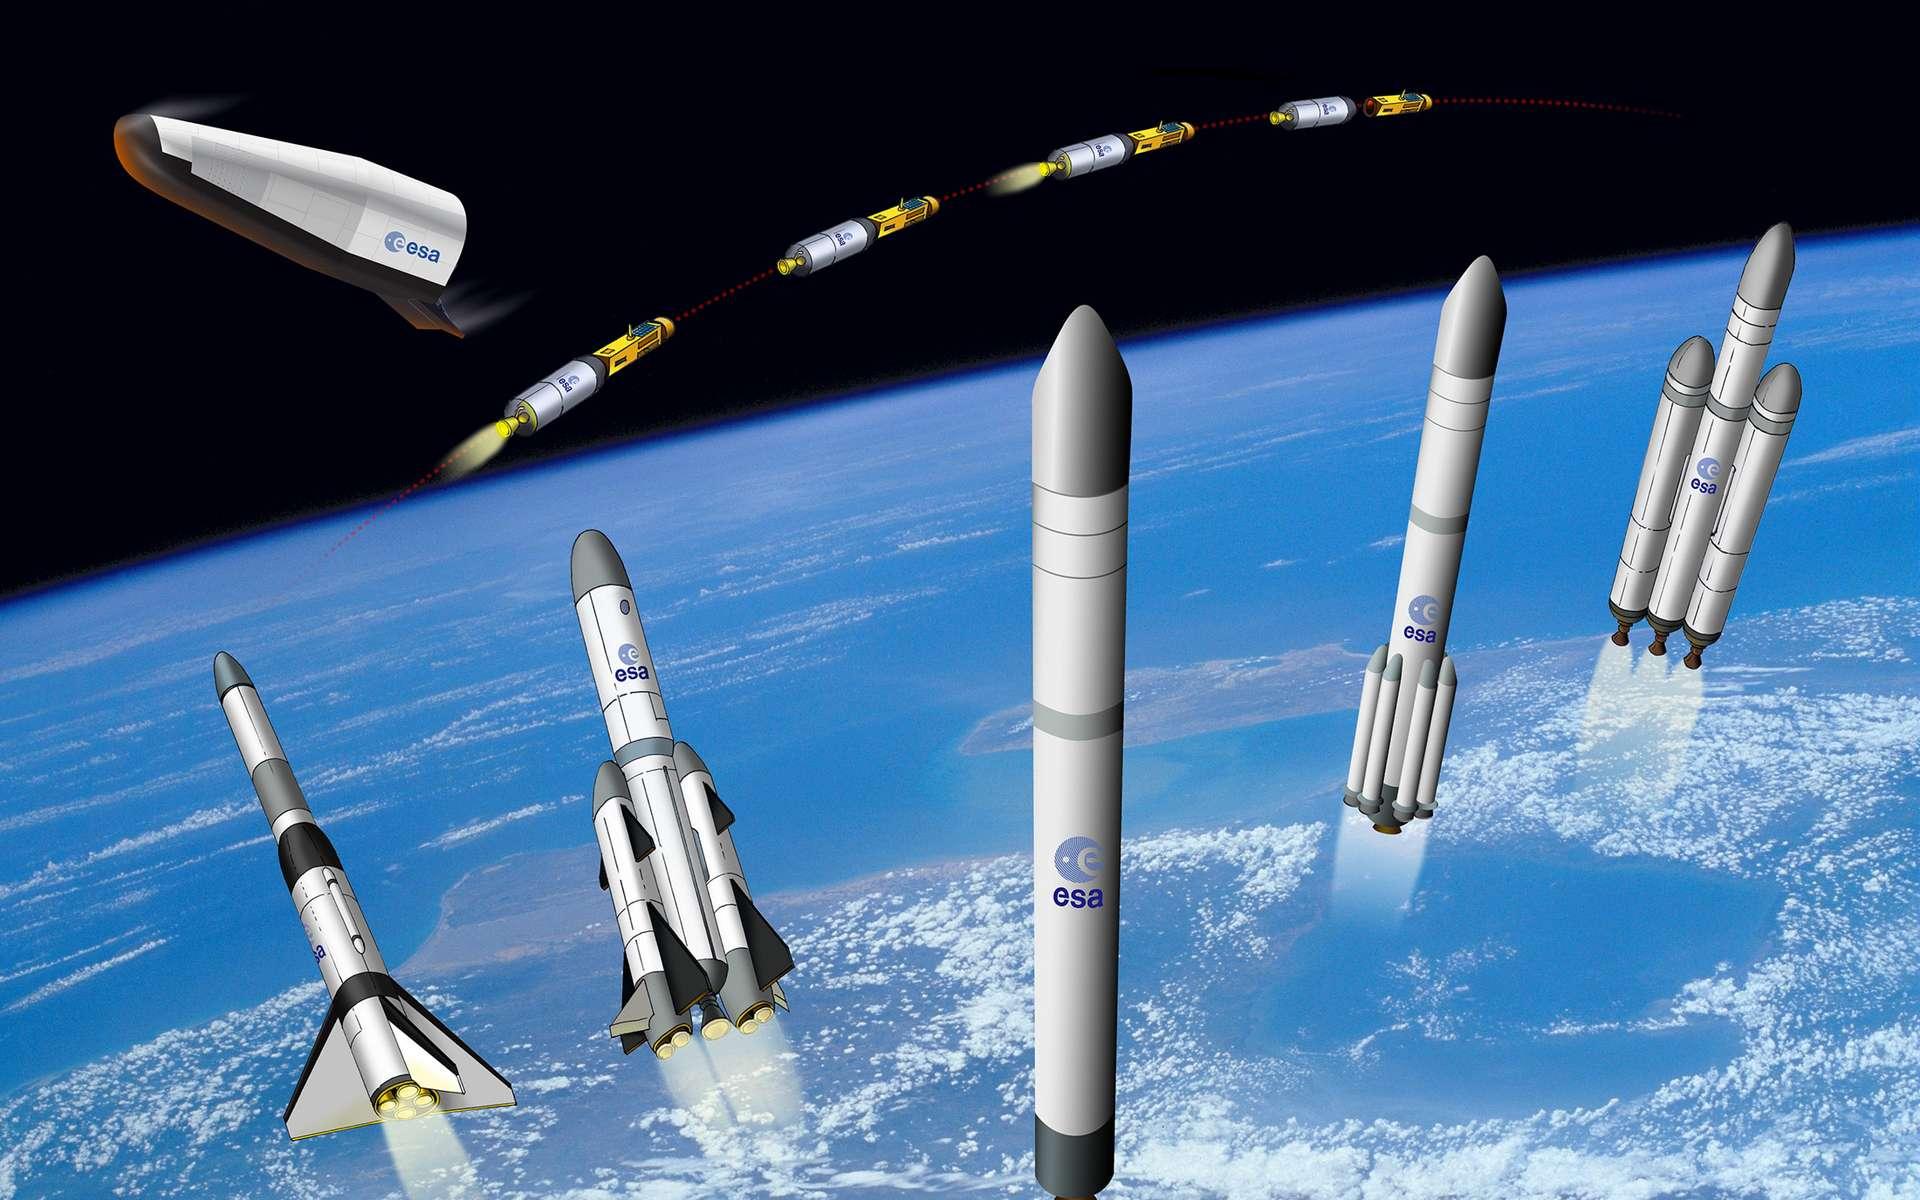 Quelques vues d'artistes de lanceurs réutilisables, envisagés par l'Agence spatiale européenne. © ESA